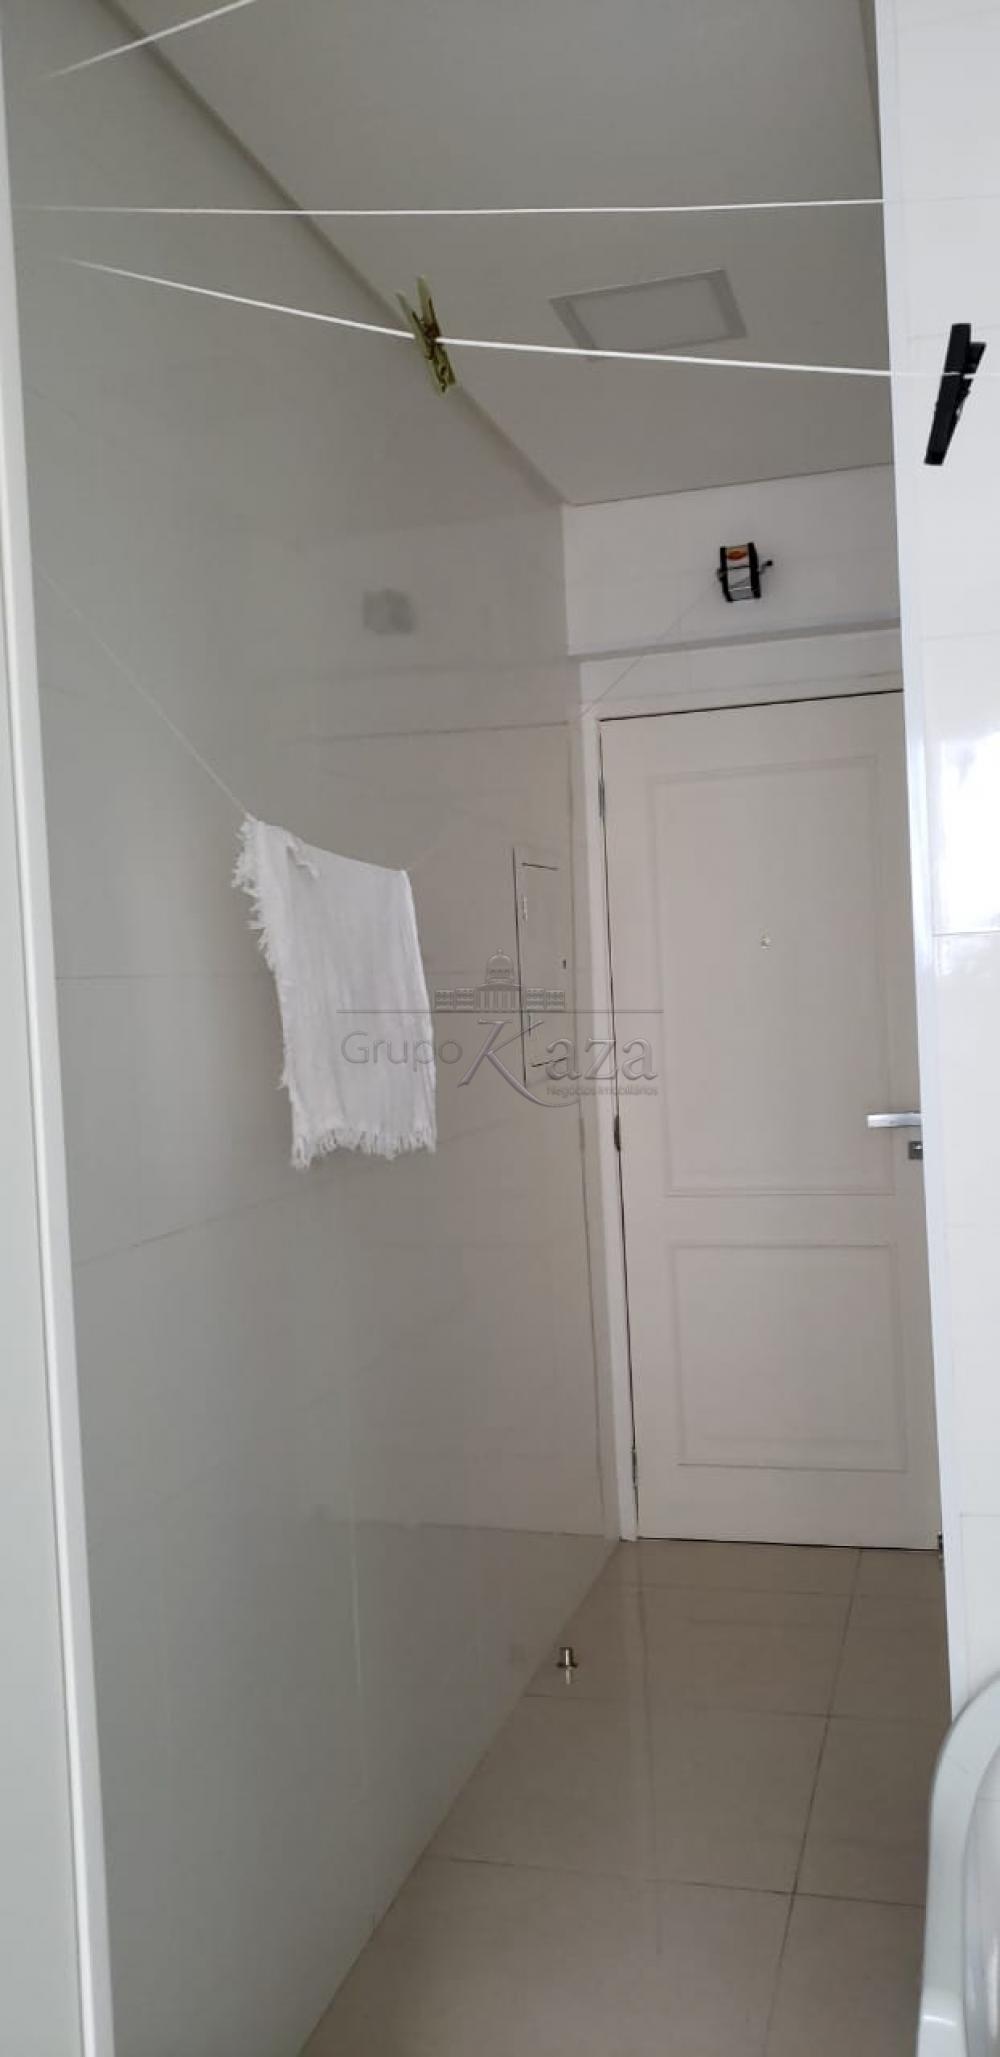 Alugar Apartamento / Padrão em São José dos Campos R$ 3.000,00 - Foto 30